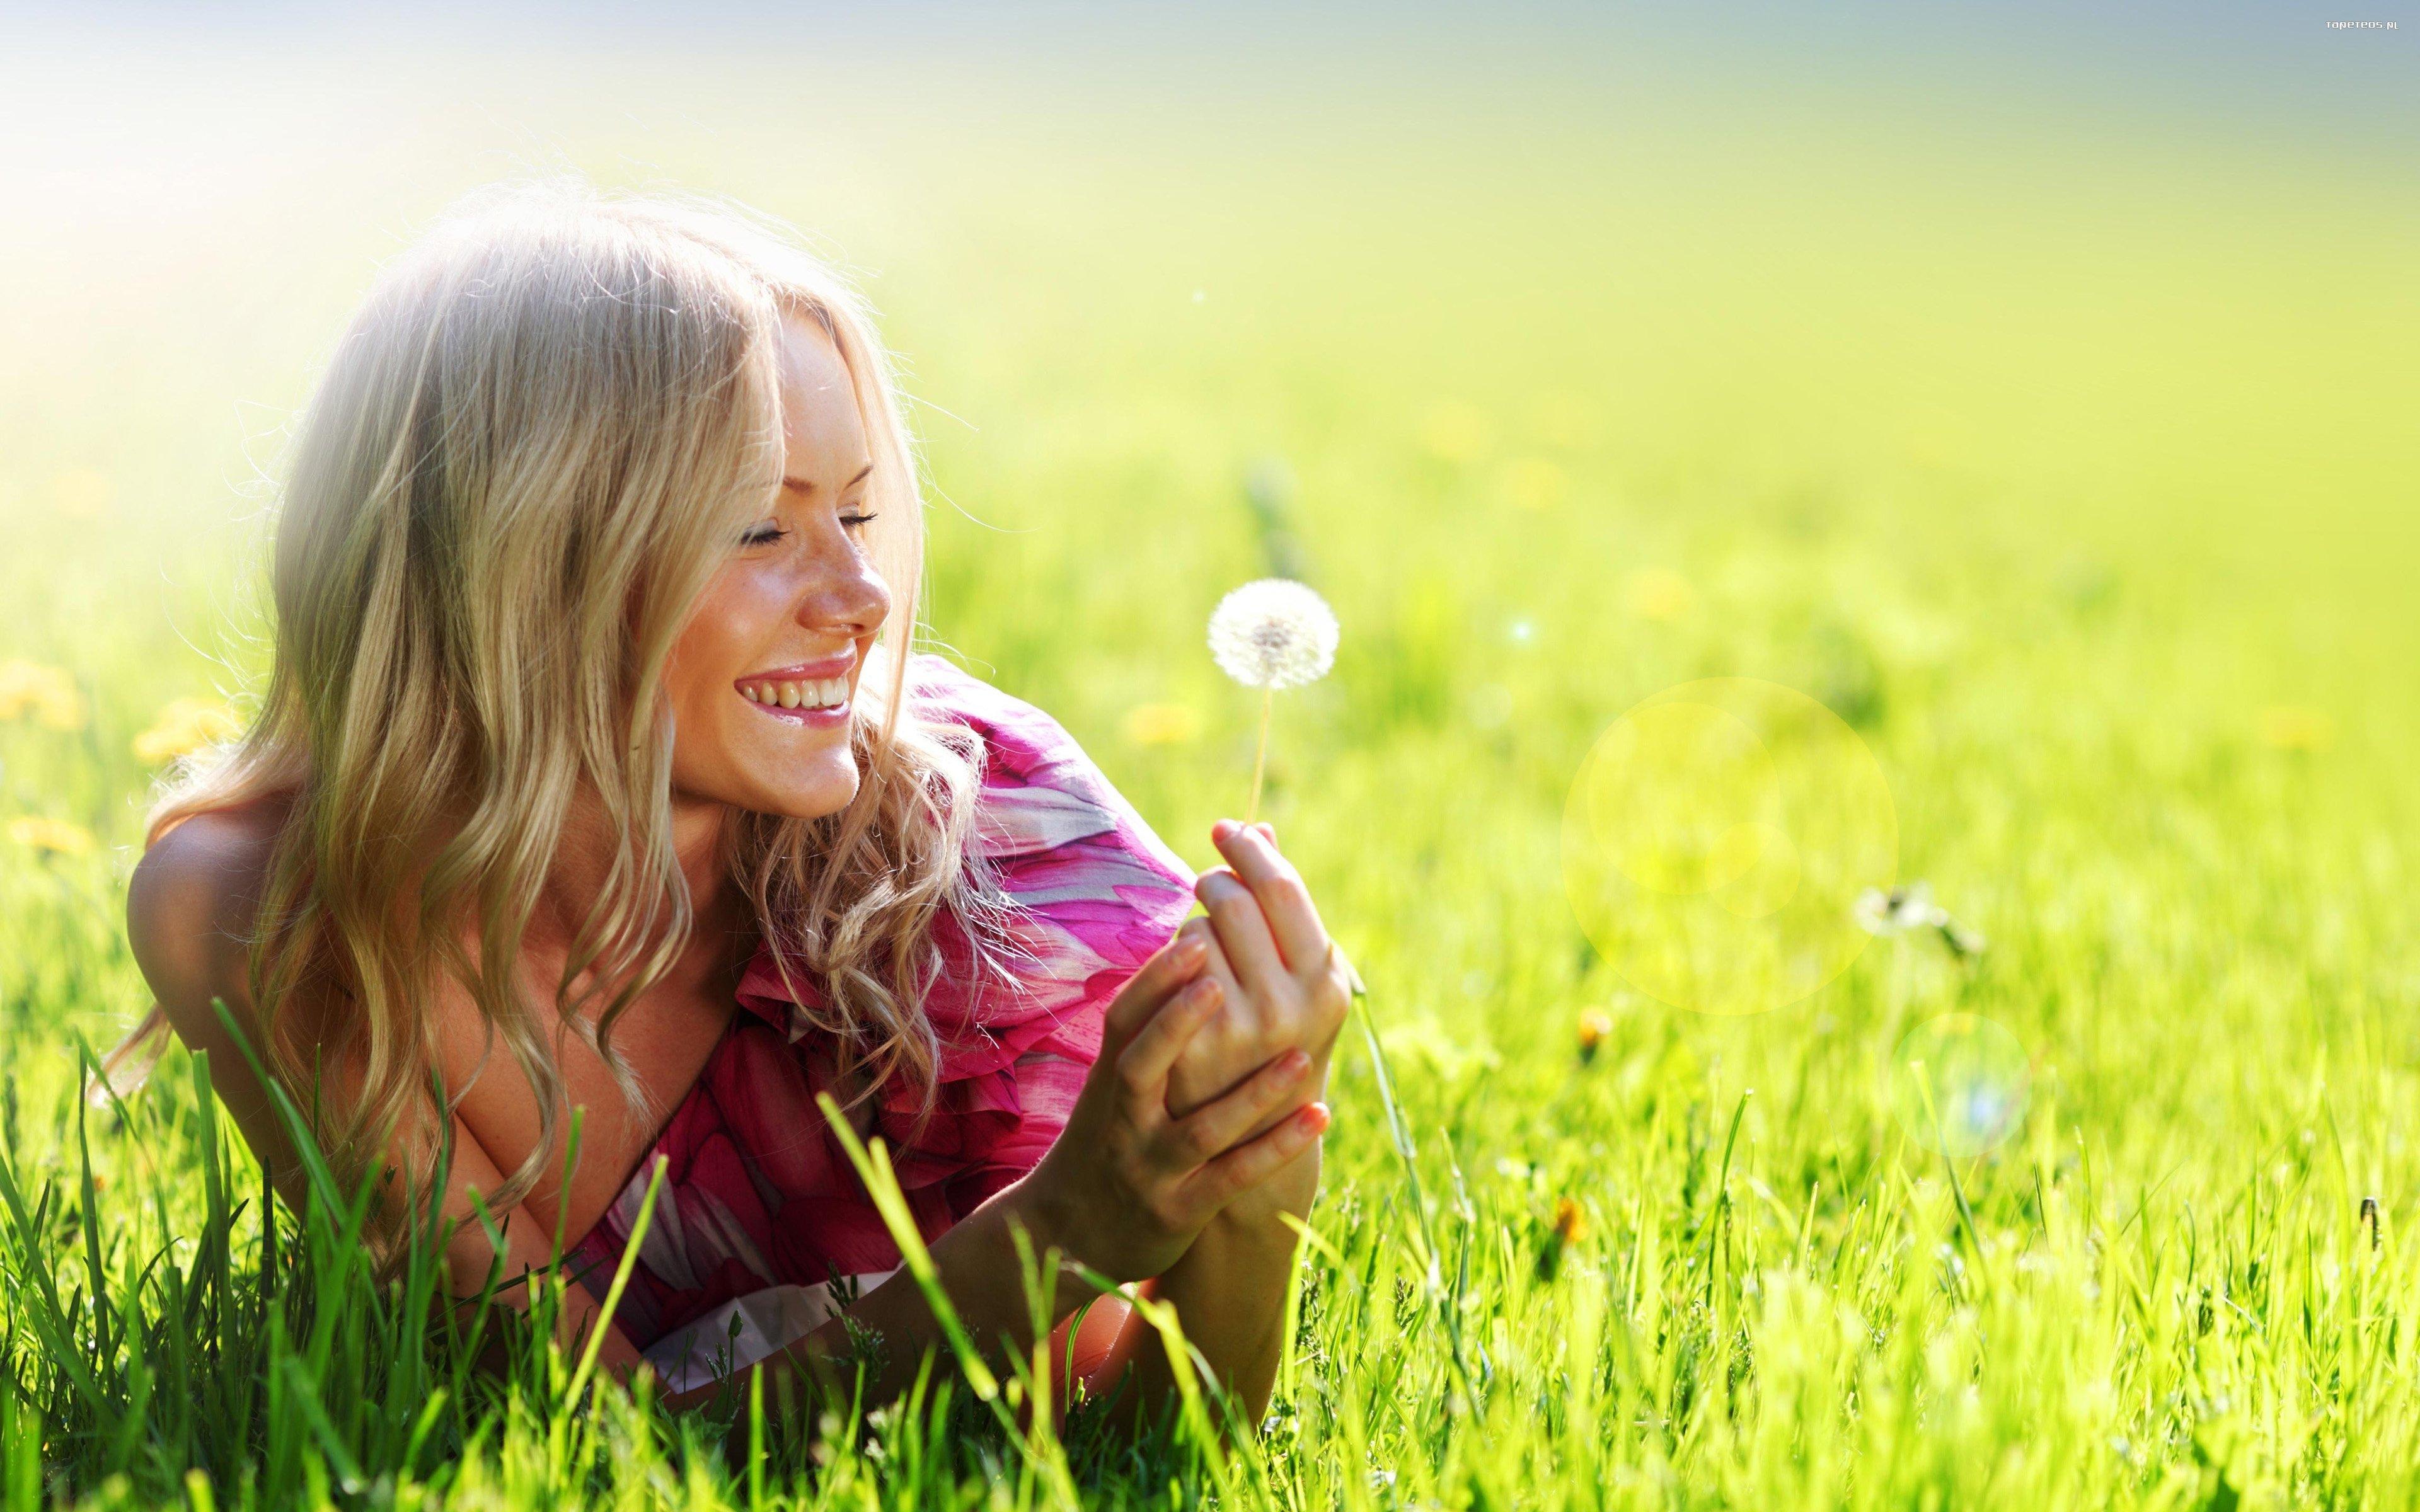 любопытные картинка жизнь это красота словам